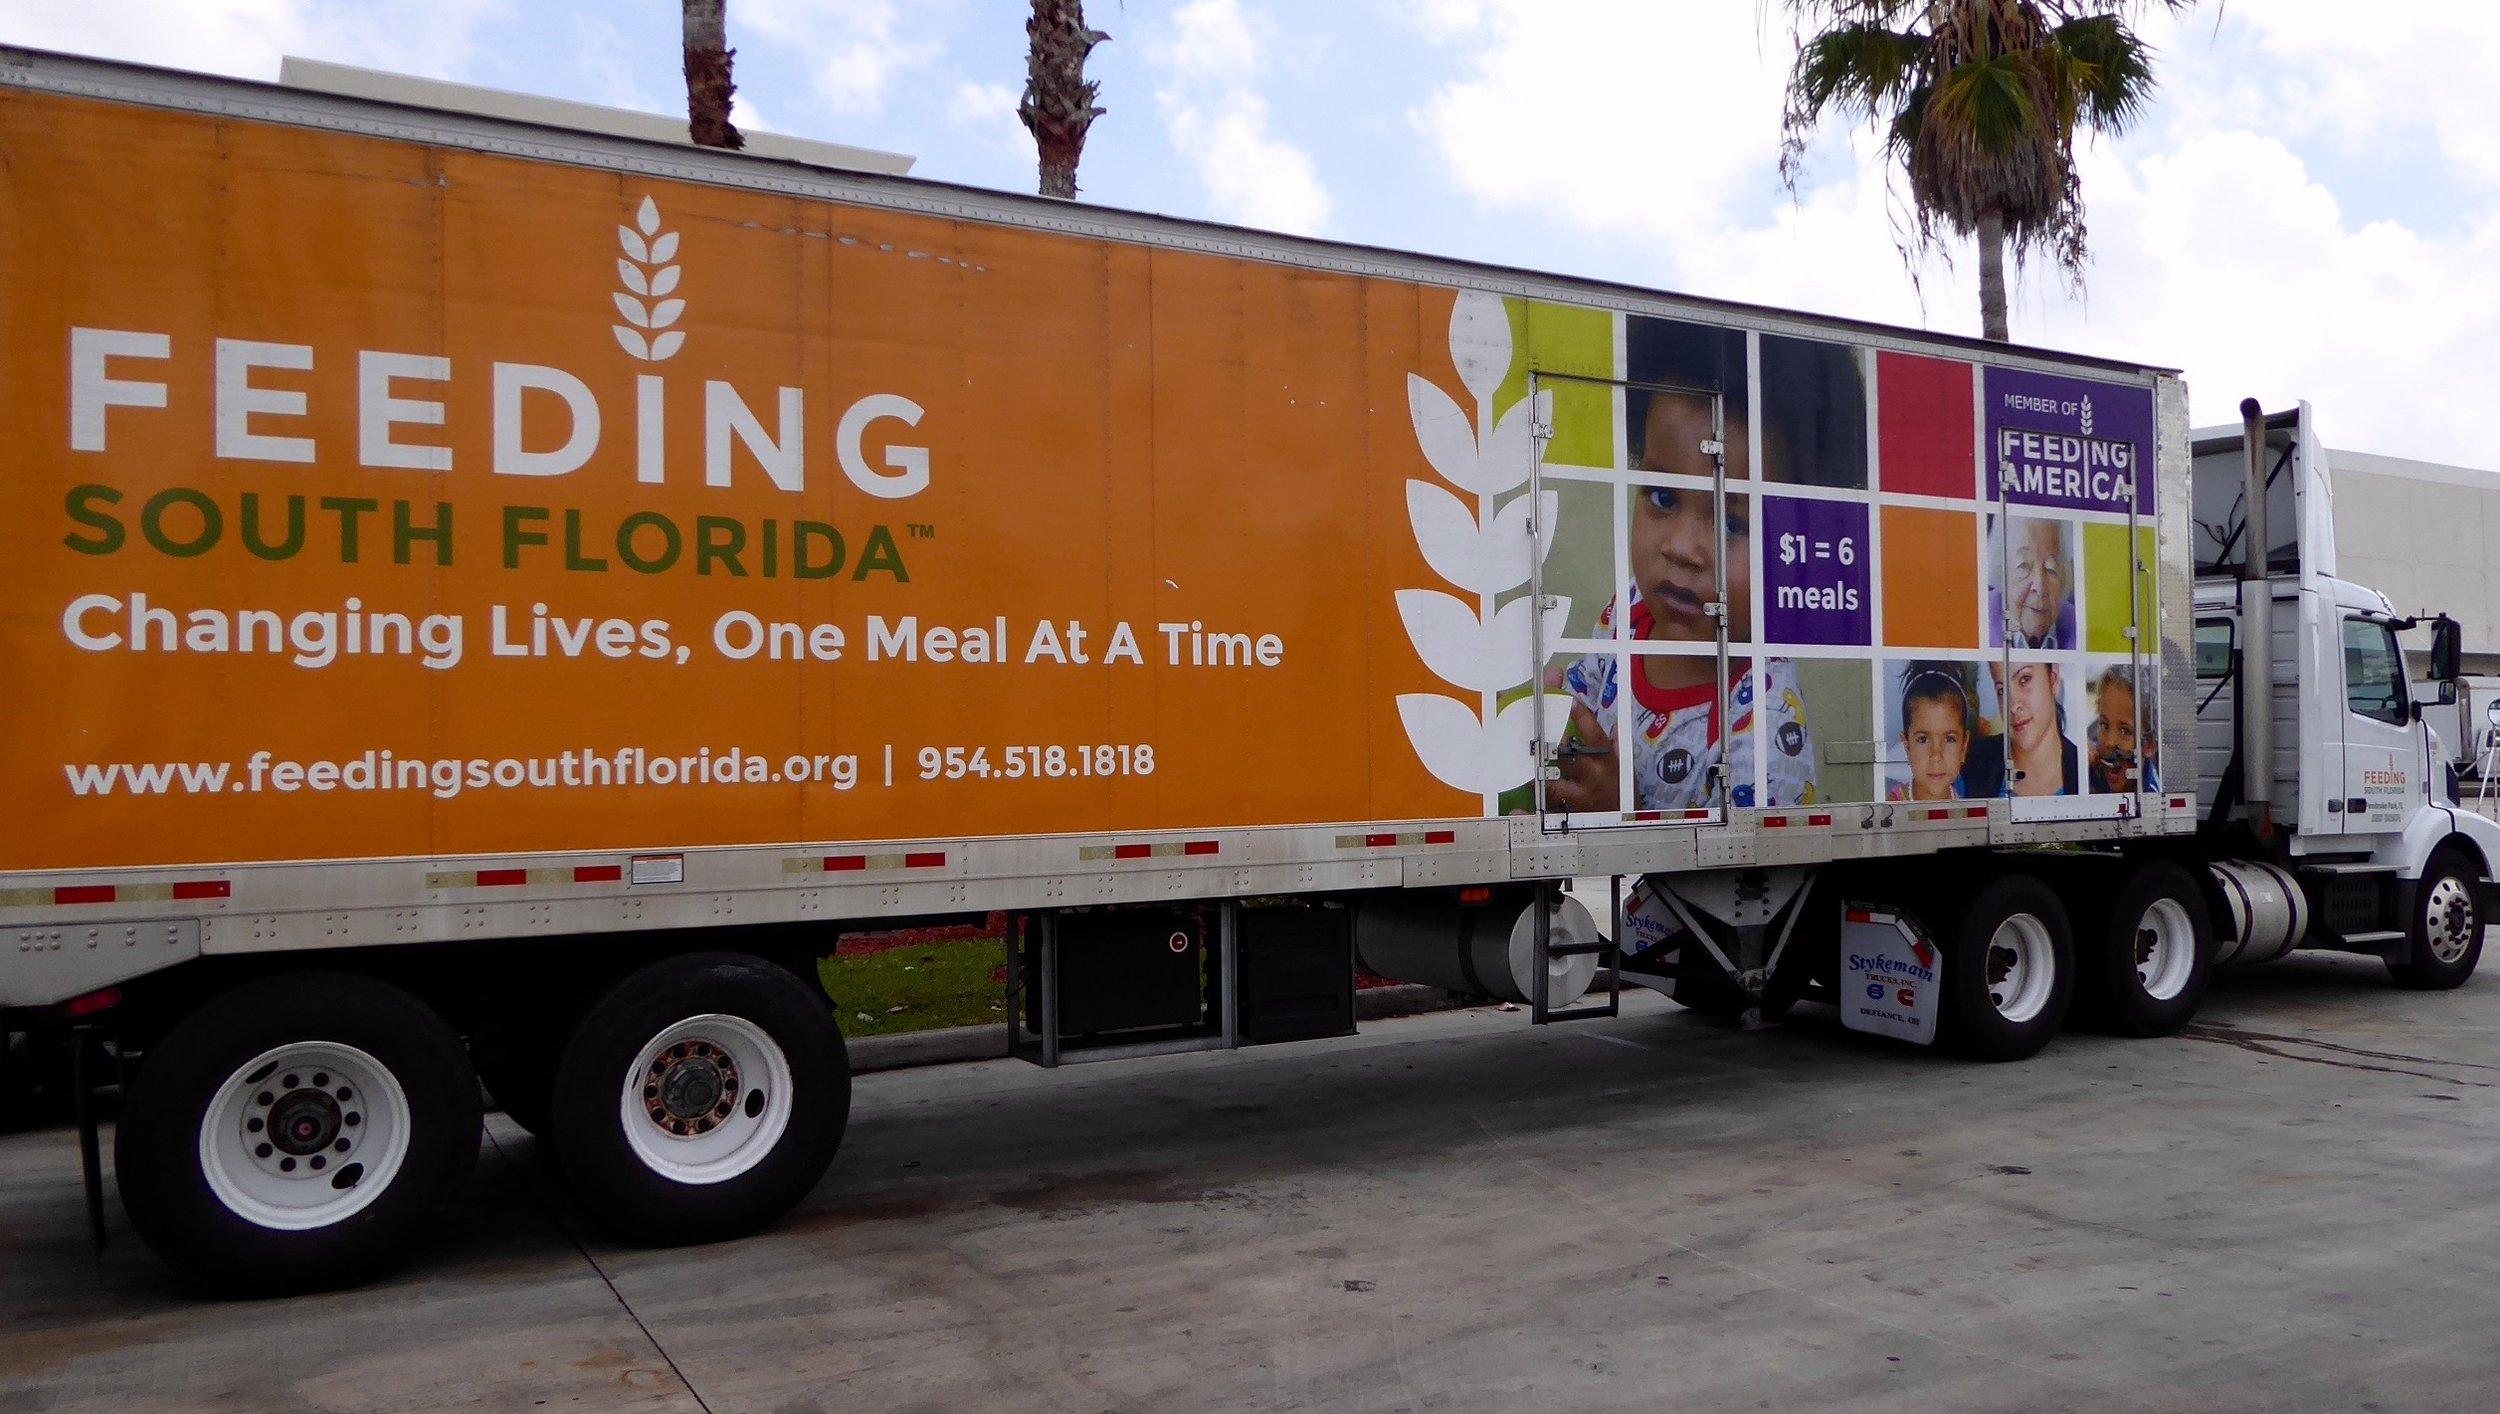 Blog-Feeding-South-Florida-Truck.jpg